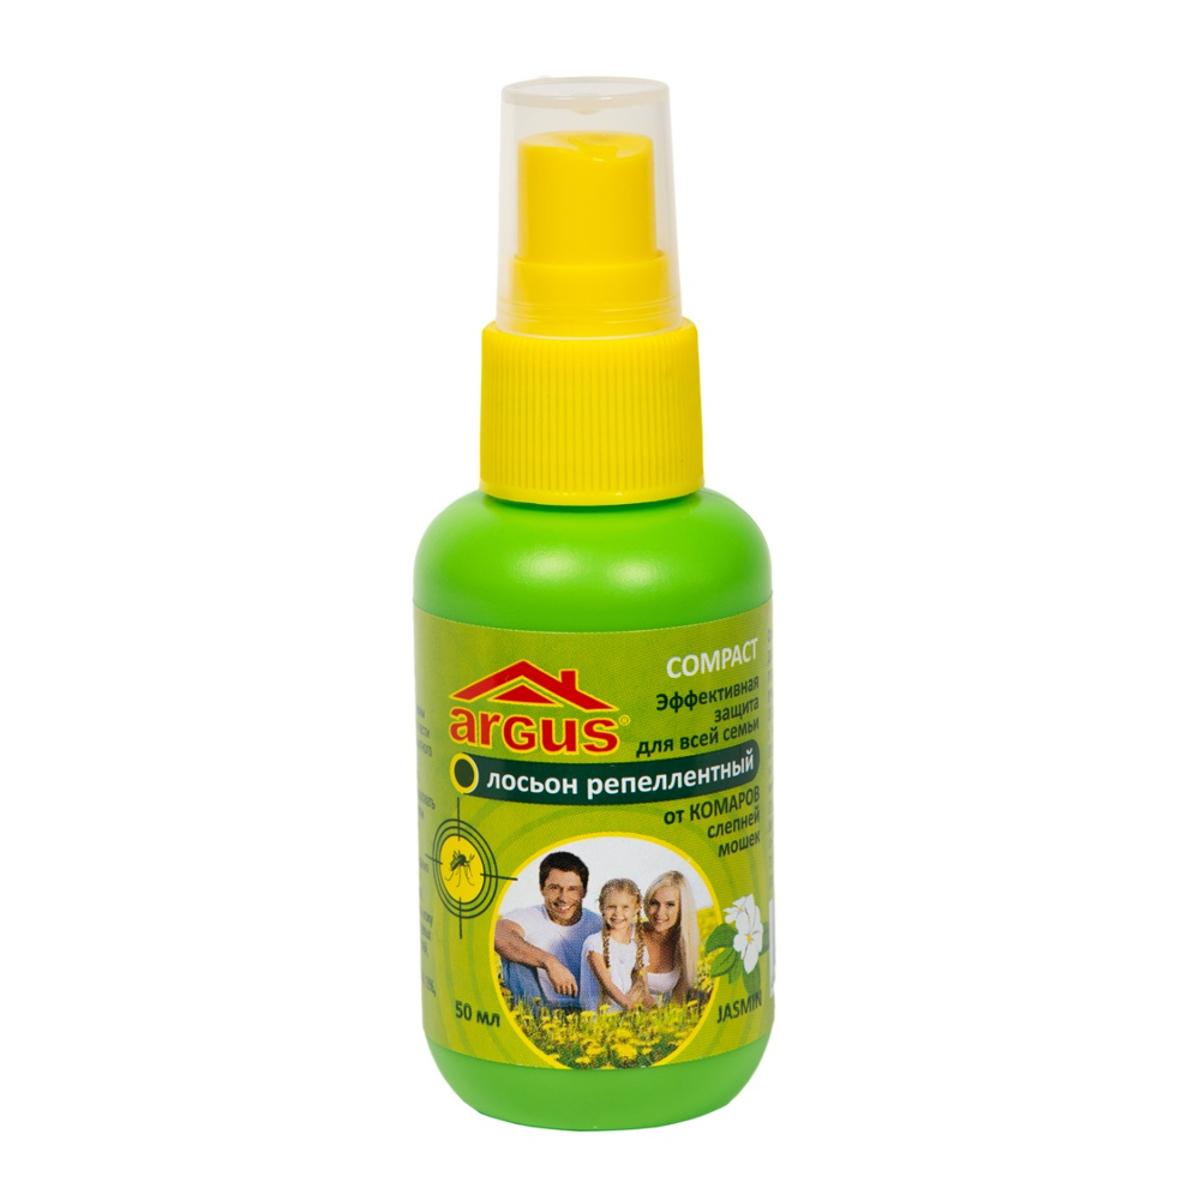 Аэрозоль от насекомых Argus, 50 мл19201Аэрозоль Argus используется для защиты людей от нападения кровососущих насекомых (комаров, мокрецов, москитов, слепней). Наносится на открытые части тела.Состав: N,N-диэтил-м-толуамид (ДЭТА) 18%, отдушка, спирт изопропиловый.